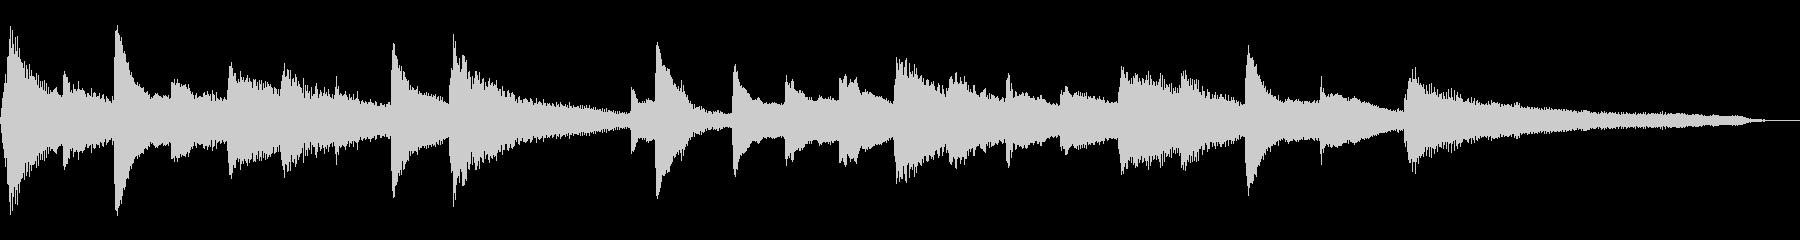 15秒のしっとり和風ジングル19-ピアノの未再生の波形